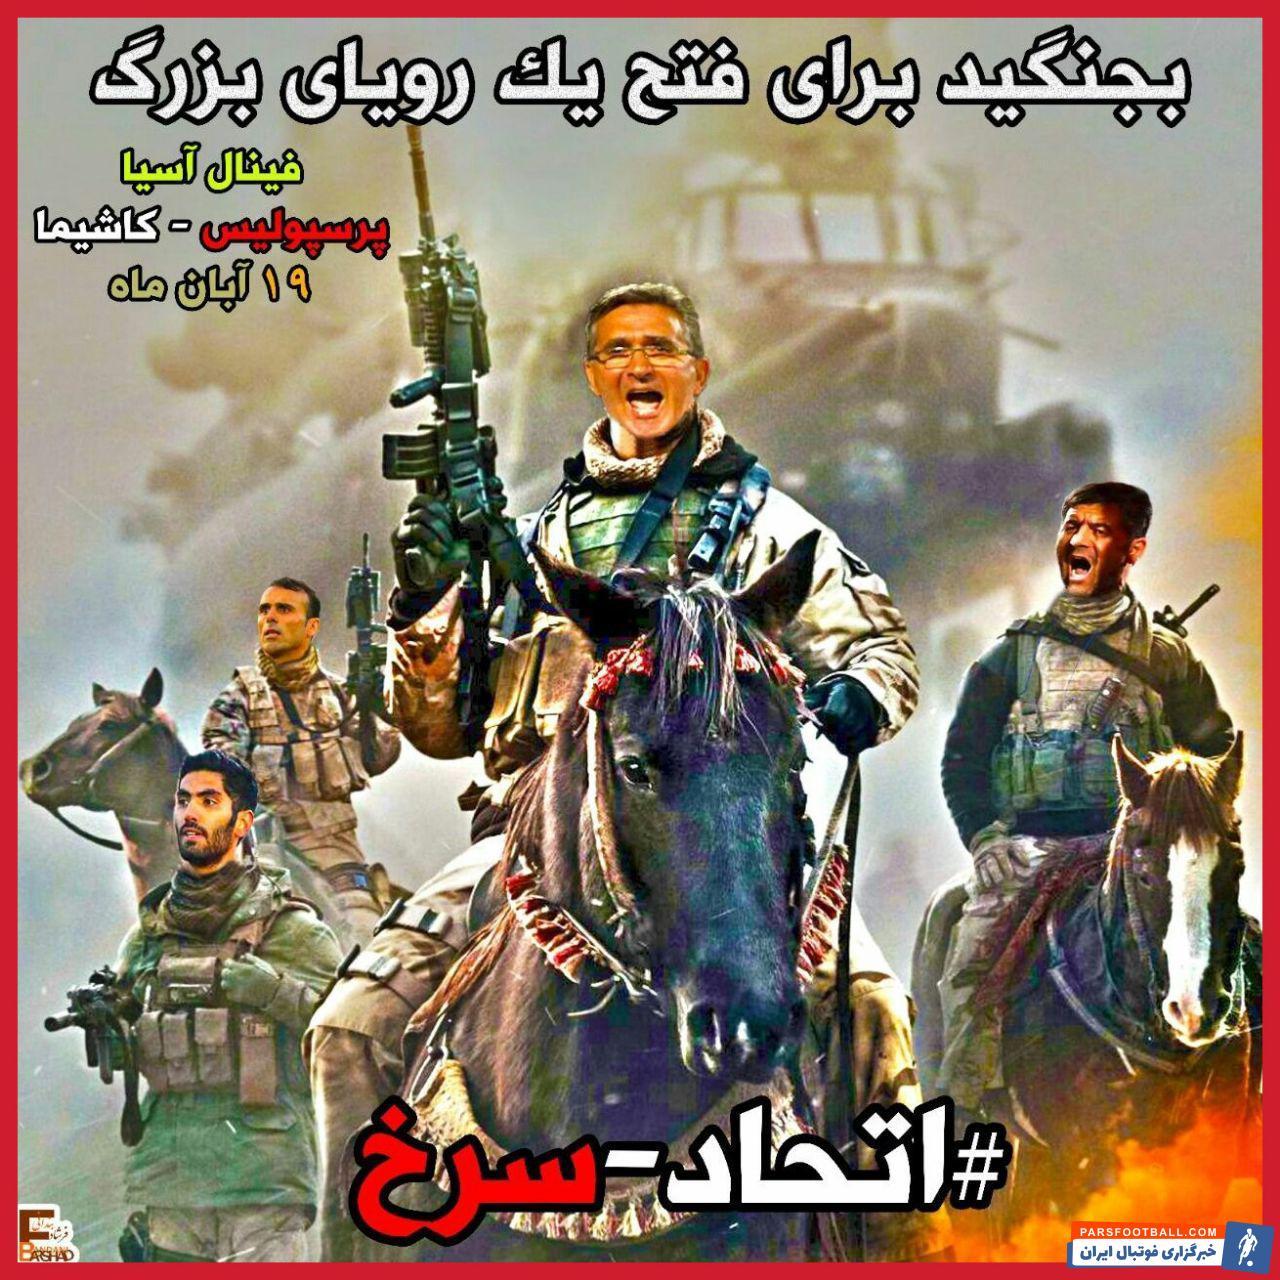 کاشیما ؛ پوستر حمایتی طرفداران پرسپولیس از دیدار سرخ پوشان با کاشیما آنتلرز